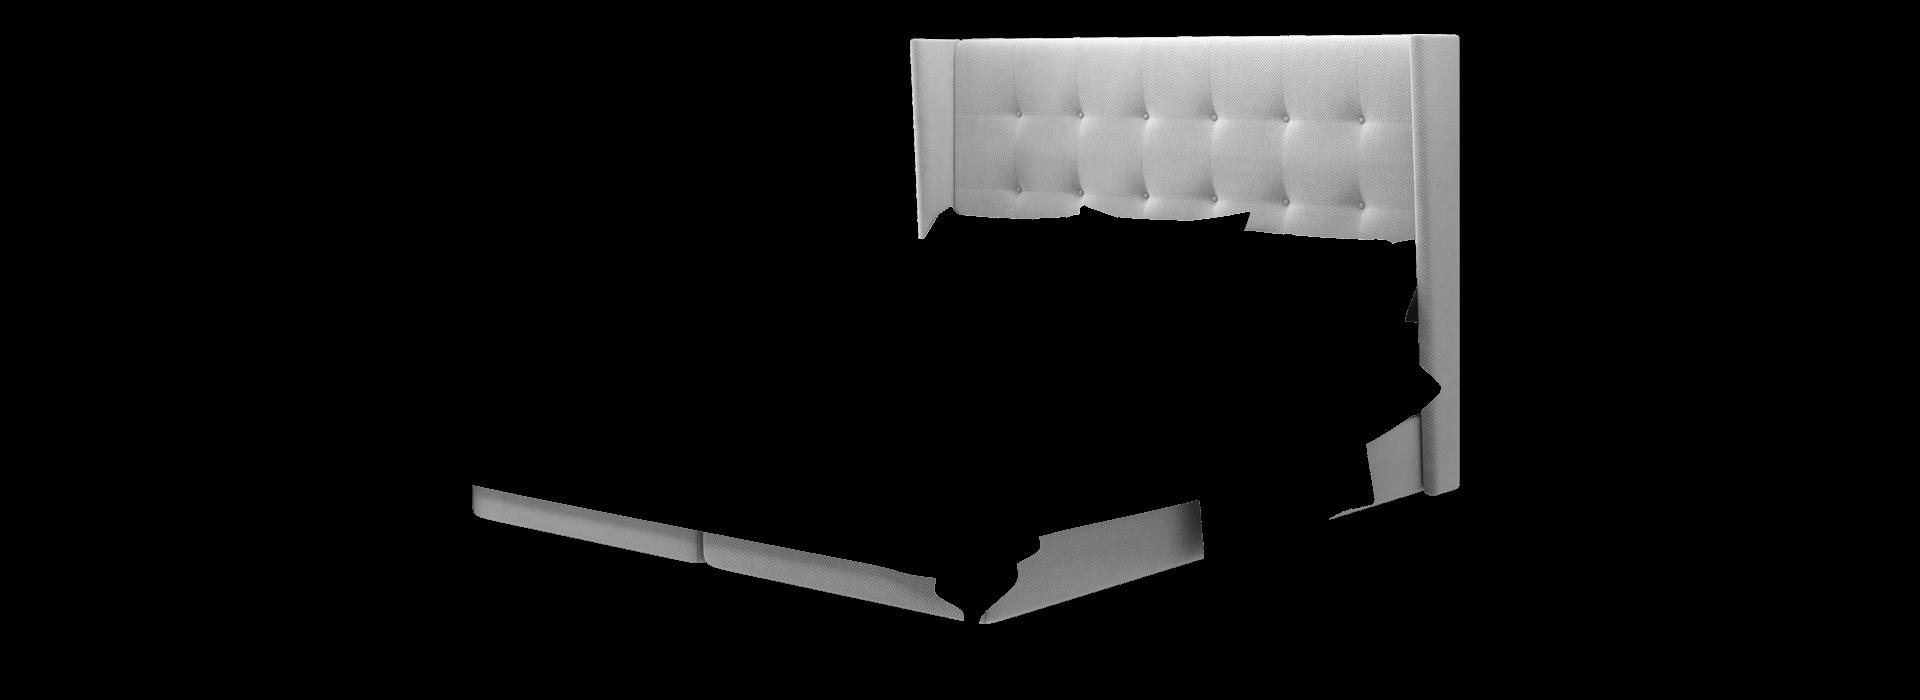 Грета 1.8 кровать box spring - маска 2